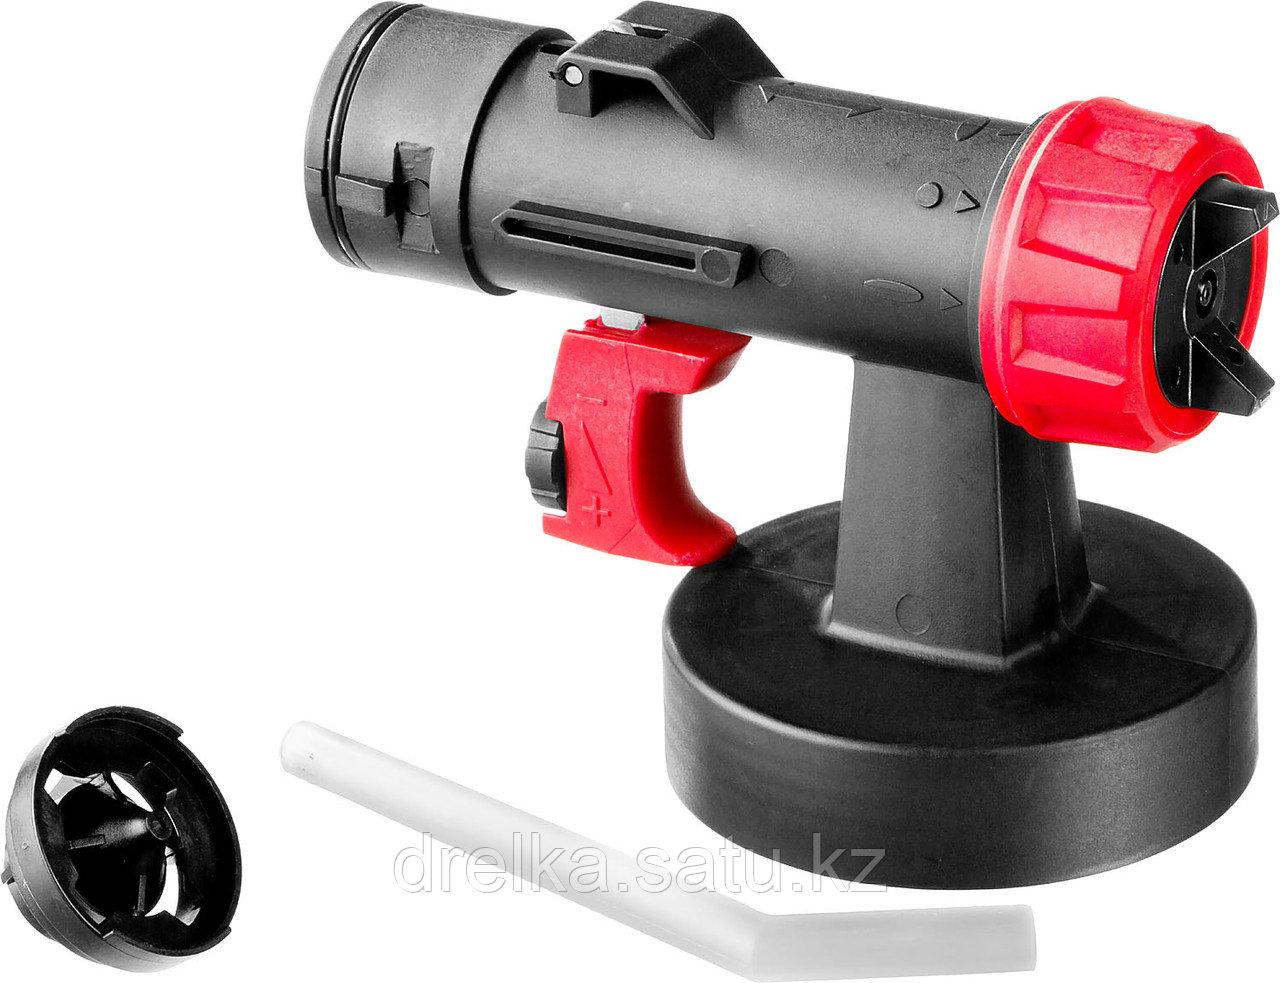 Распылитель для краскопультов электрических ЗУБР КПЭ-Р1, МАСТЕР, тип Р1, в комплекте сопла 1,8 и 2,6 мм.